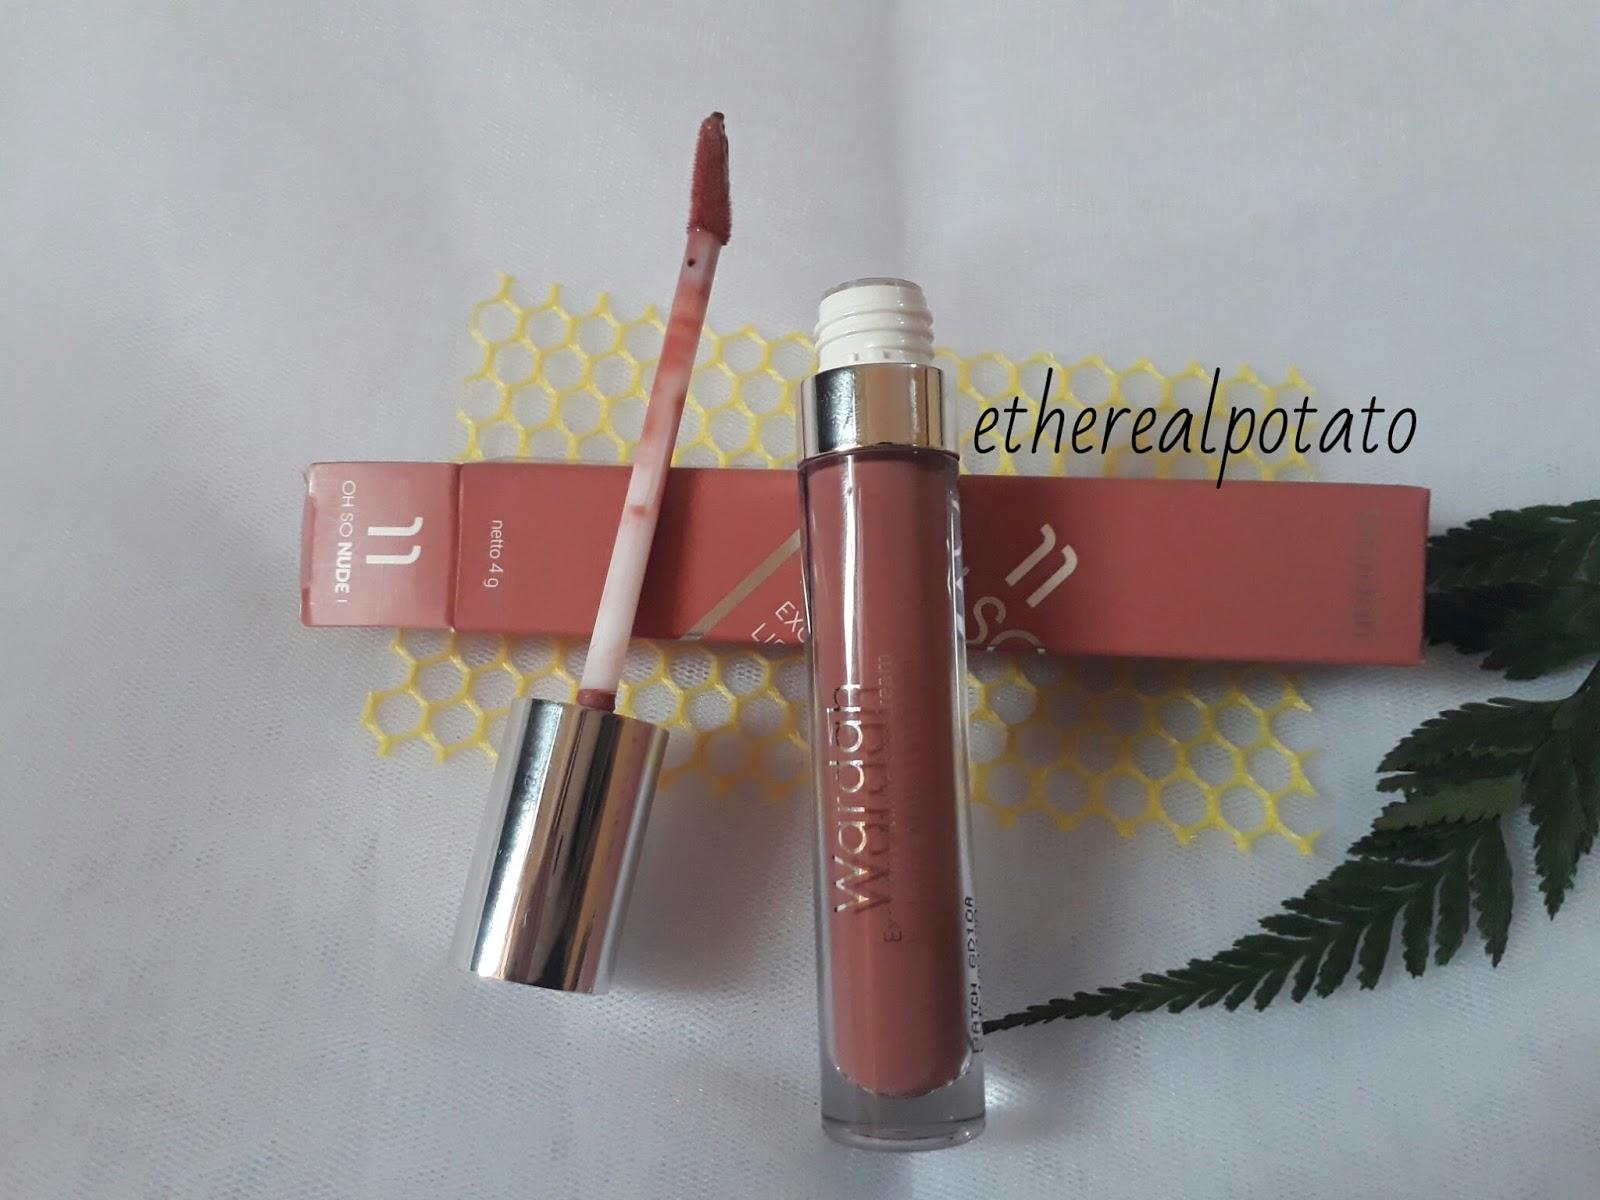 Review Wardah Exclusive Matte Lip Cream 11 Oh So Nude Ethereal Lipstick Pigmentasi Dari Ini Juga Bikin Jatuh Hati Warnanya Strong Dan Intense Banget Sesuai Sama Warna Di Dalam